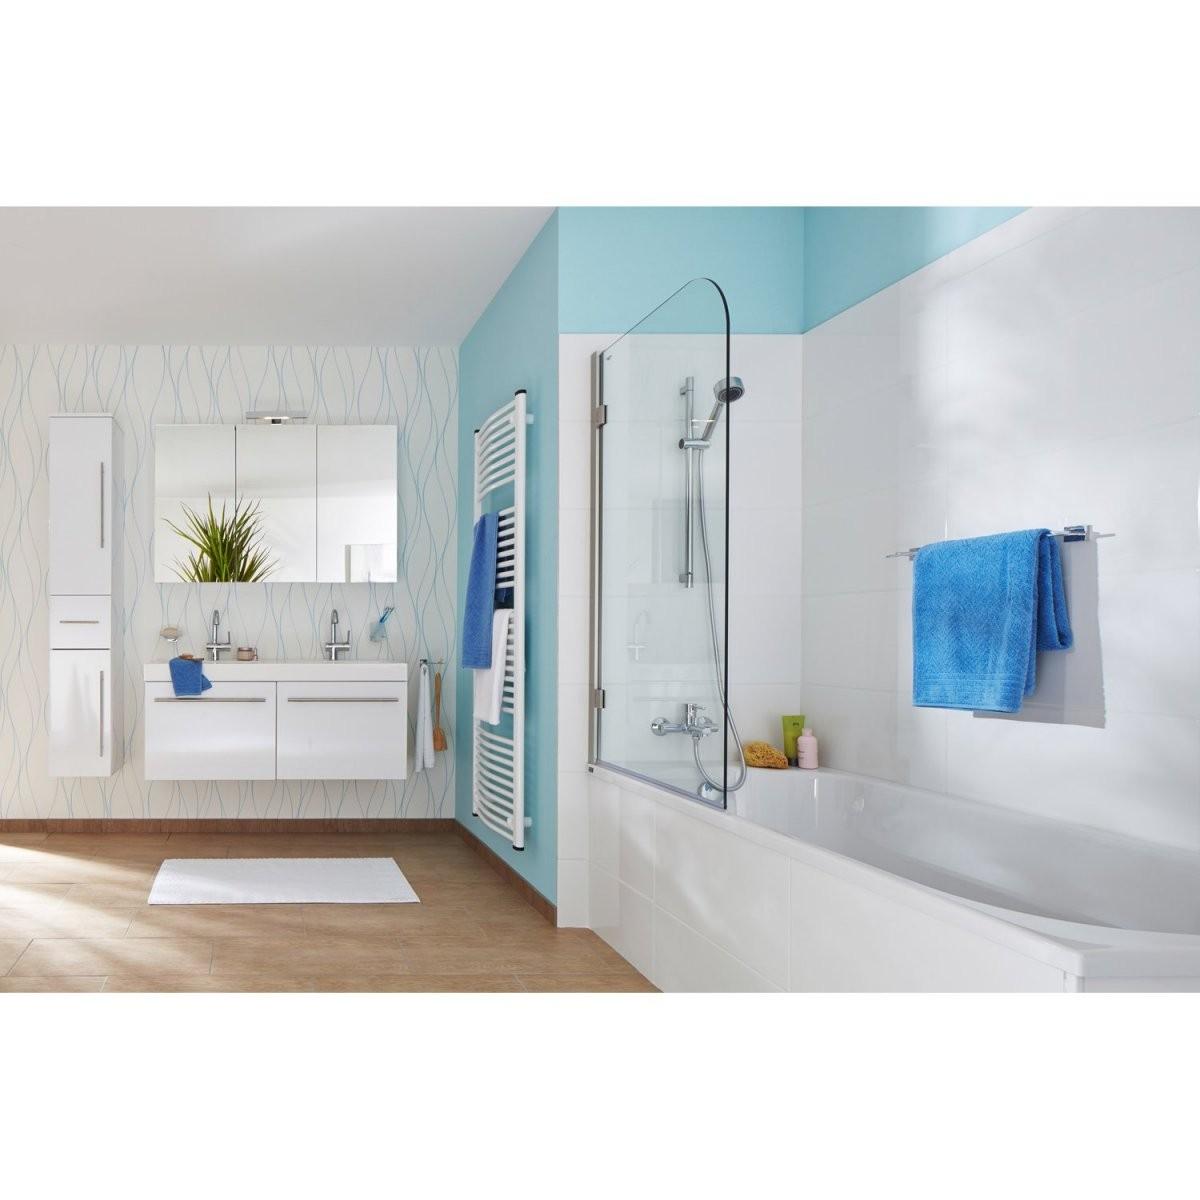 Badewannenaufsatz Online Kaufen Bei Obi von Duschwand Für Badewanne Obi Photo